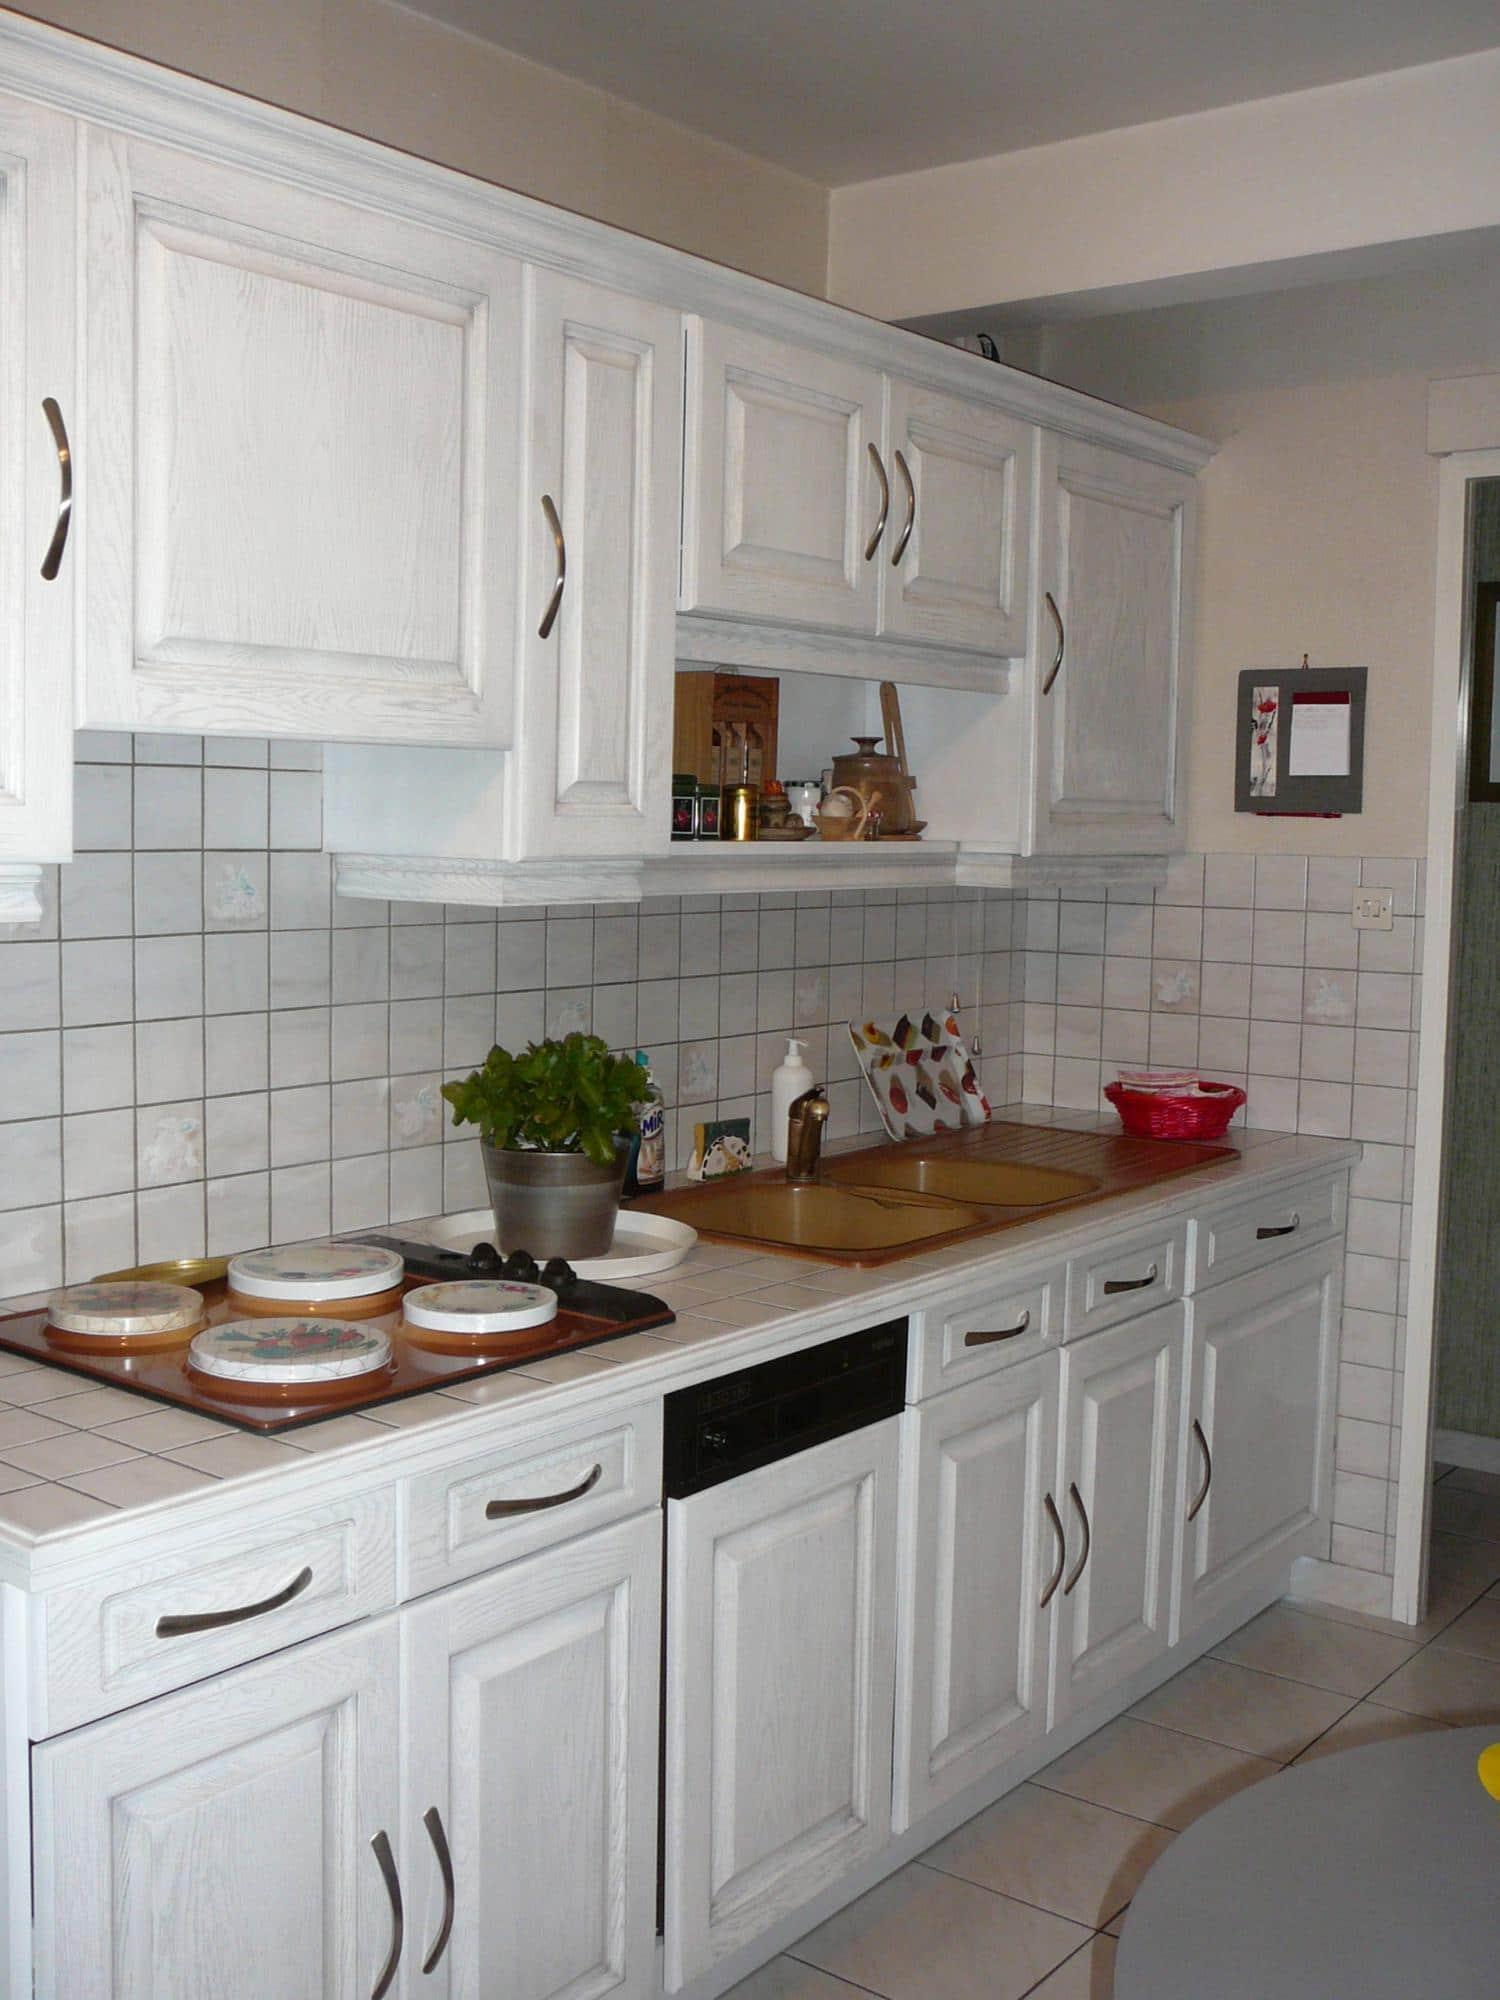 Refaire Les Meubles De Cuisine comment peindre des meubles de cuisine ?